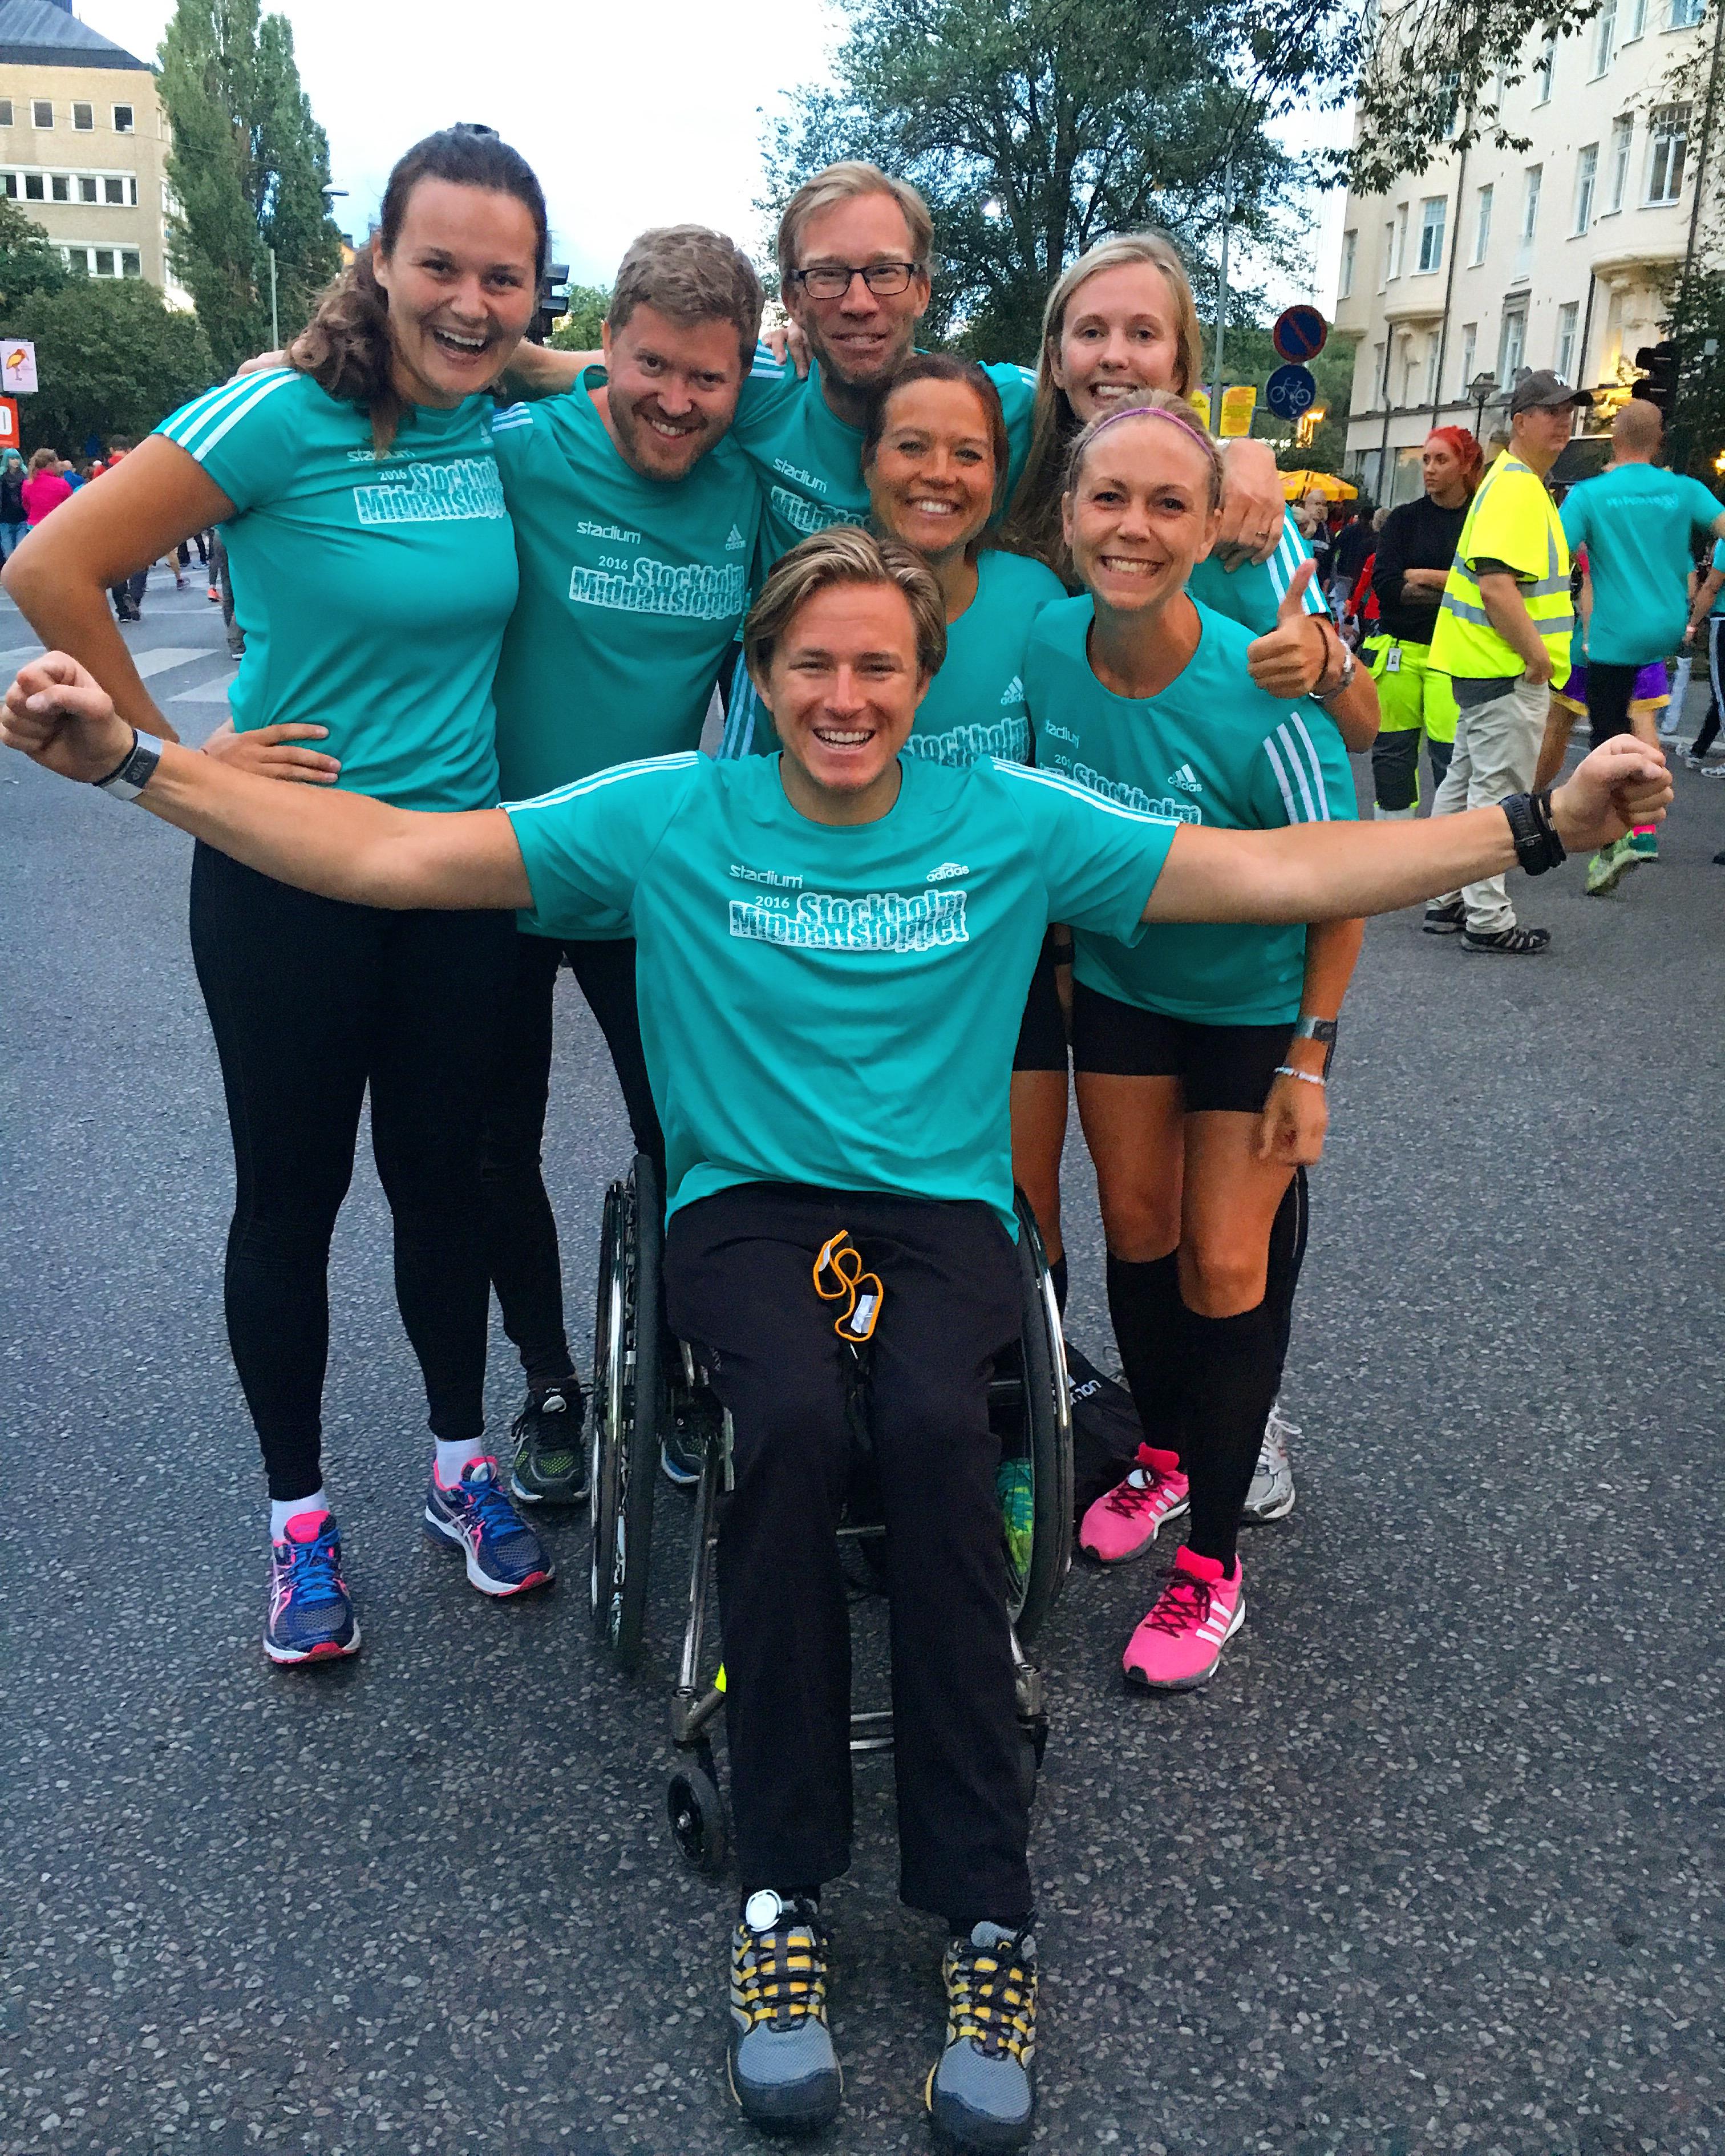 Midnattsloppet Team Aron